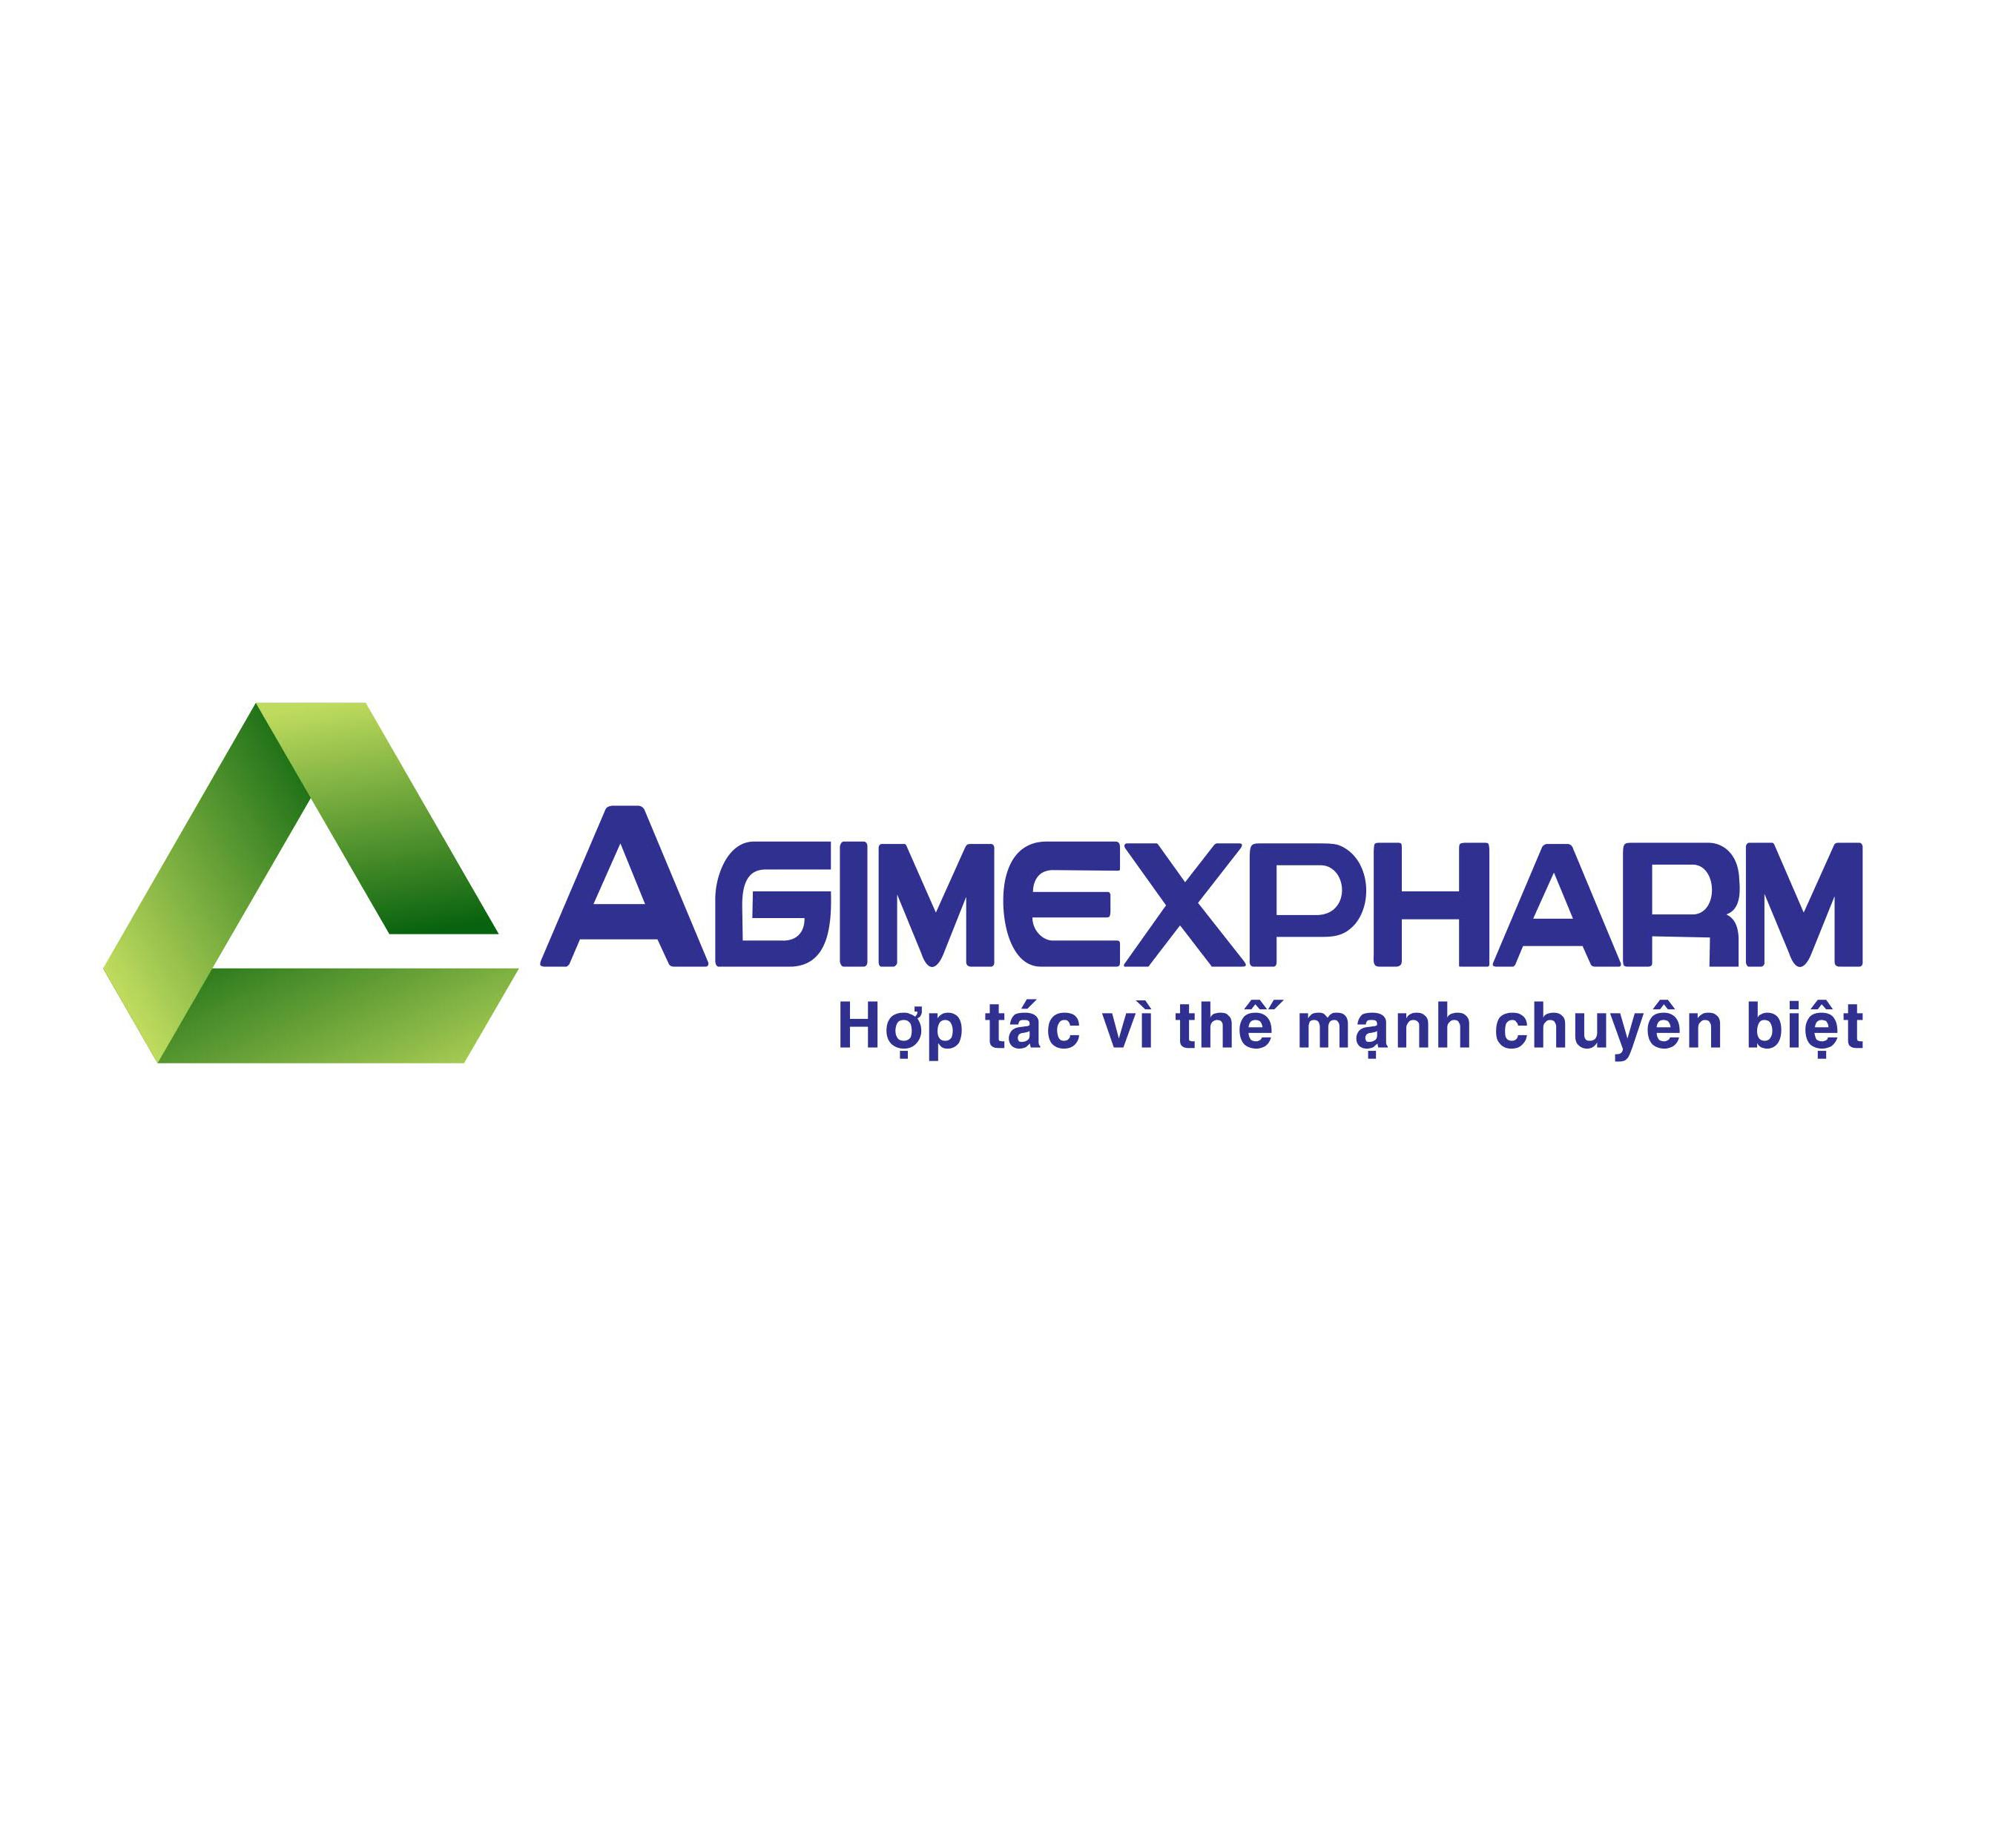 AGIMEXPHARM